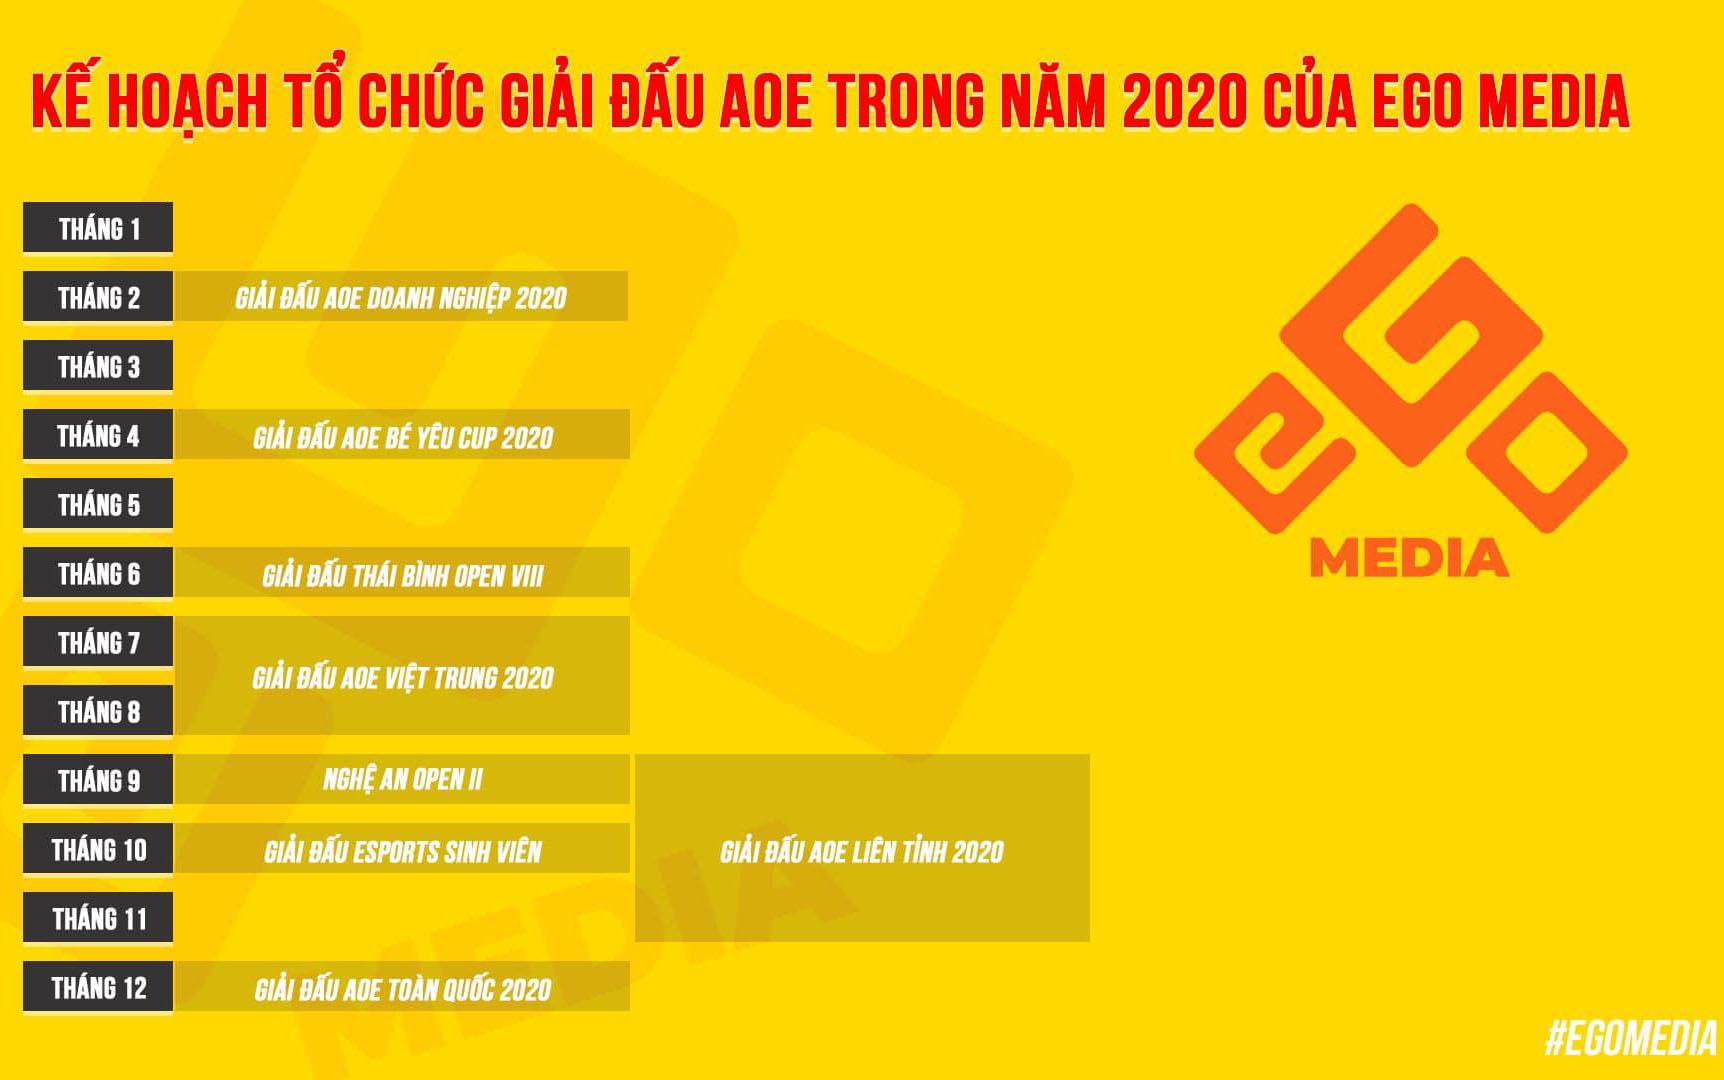 EGO Media công bố kế hoạch tổ chức các giải đấu AoE lớn trong năm 2020